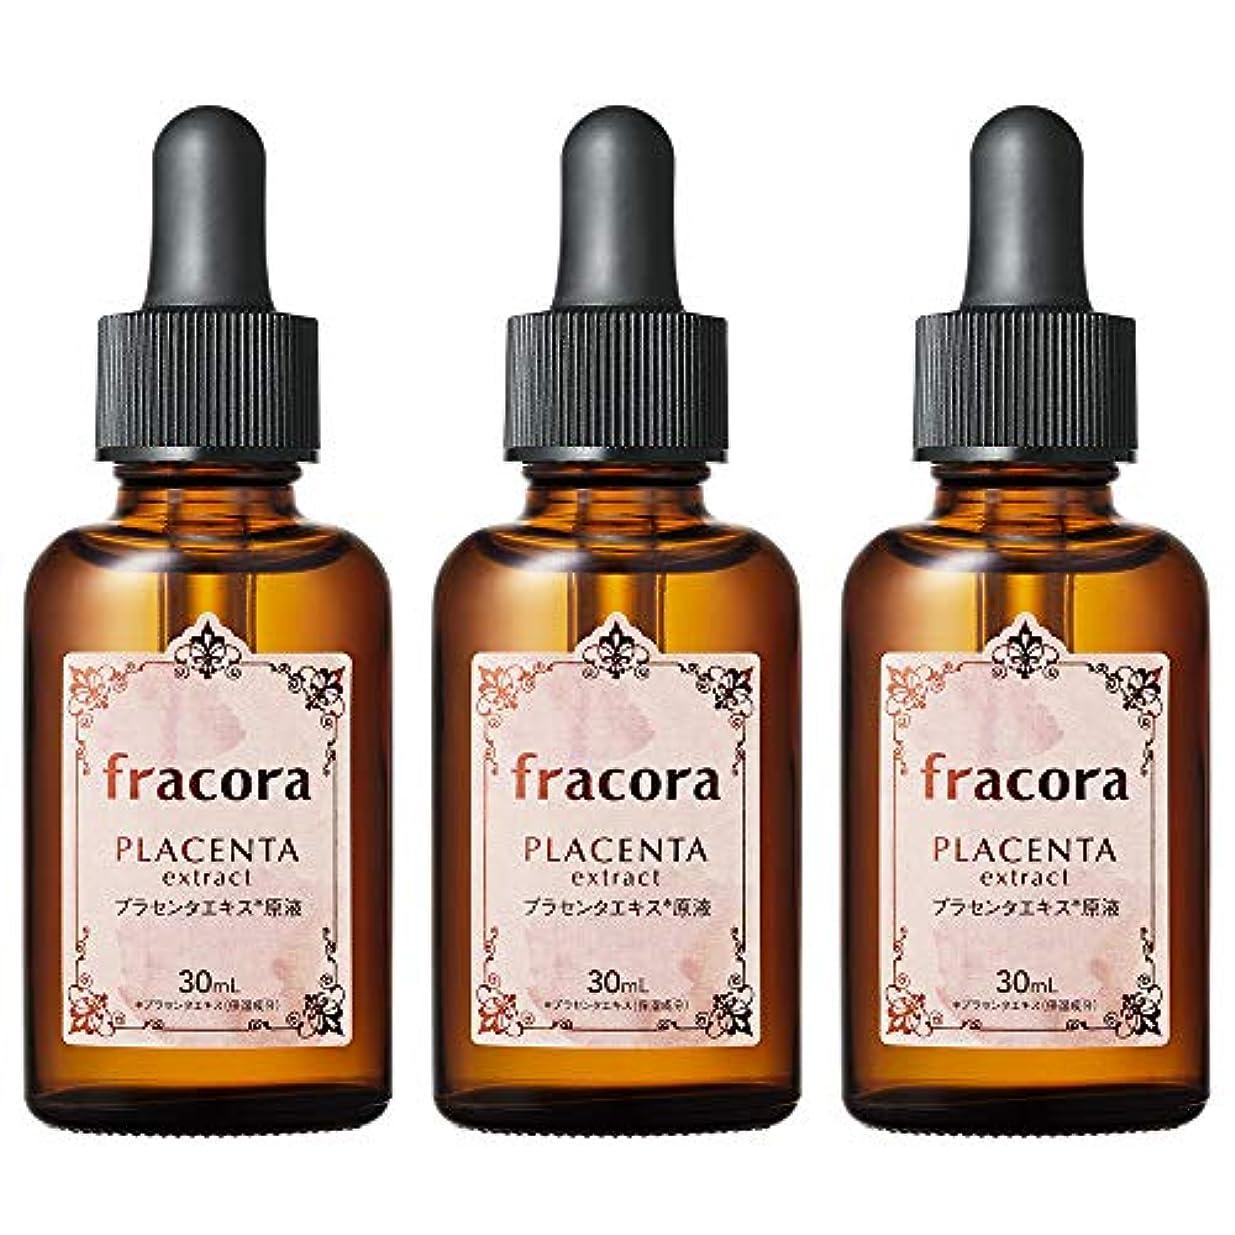 以内に覚えているリゾートフラコラ fracora プラセンタエキス原液 30mL (3本セット)